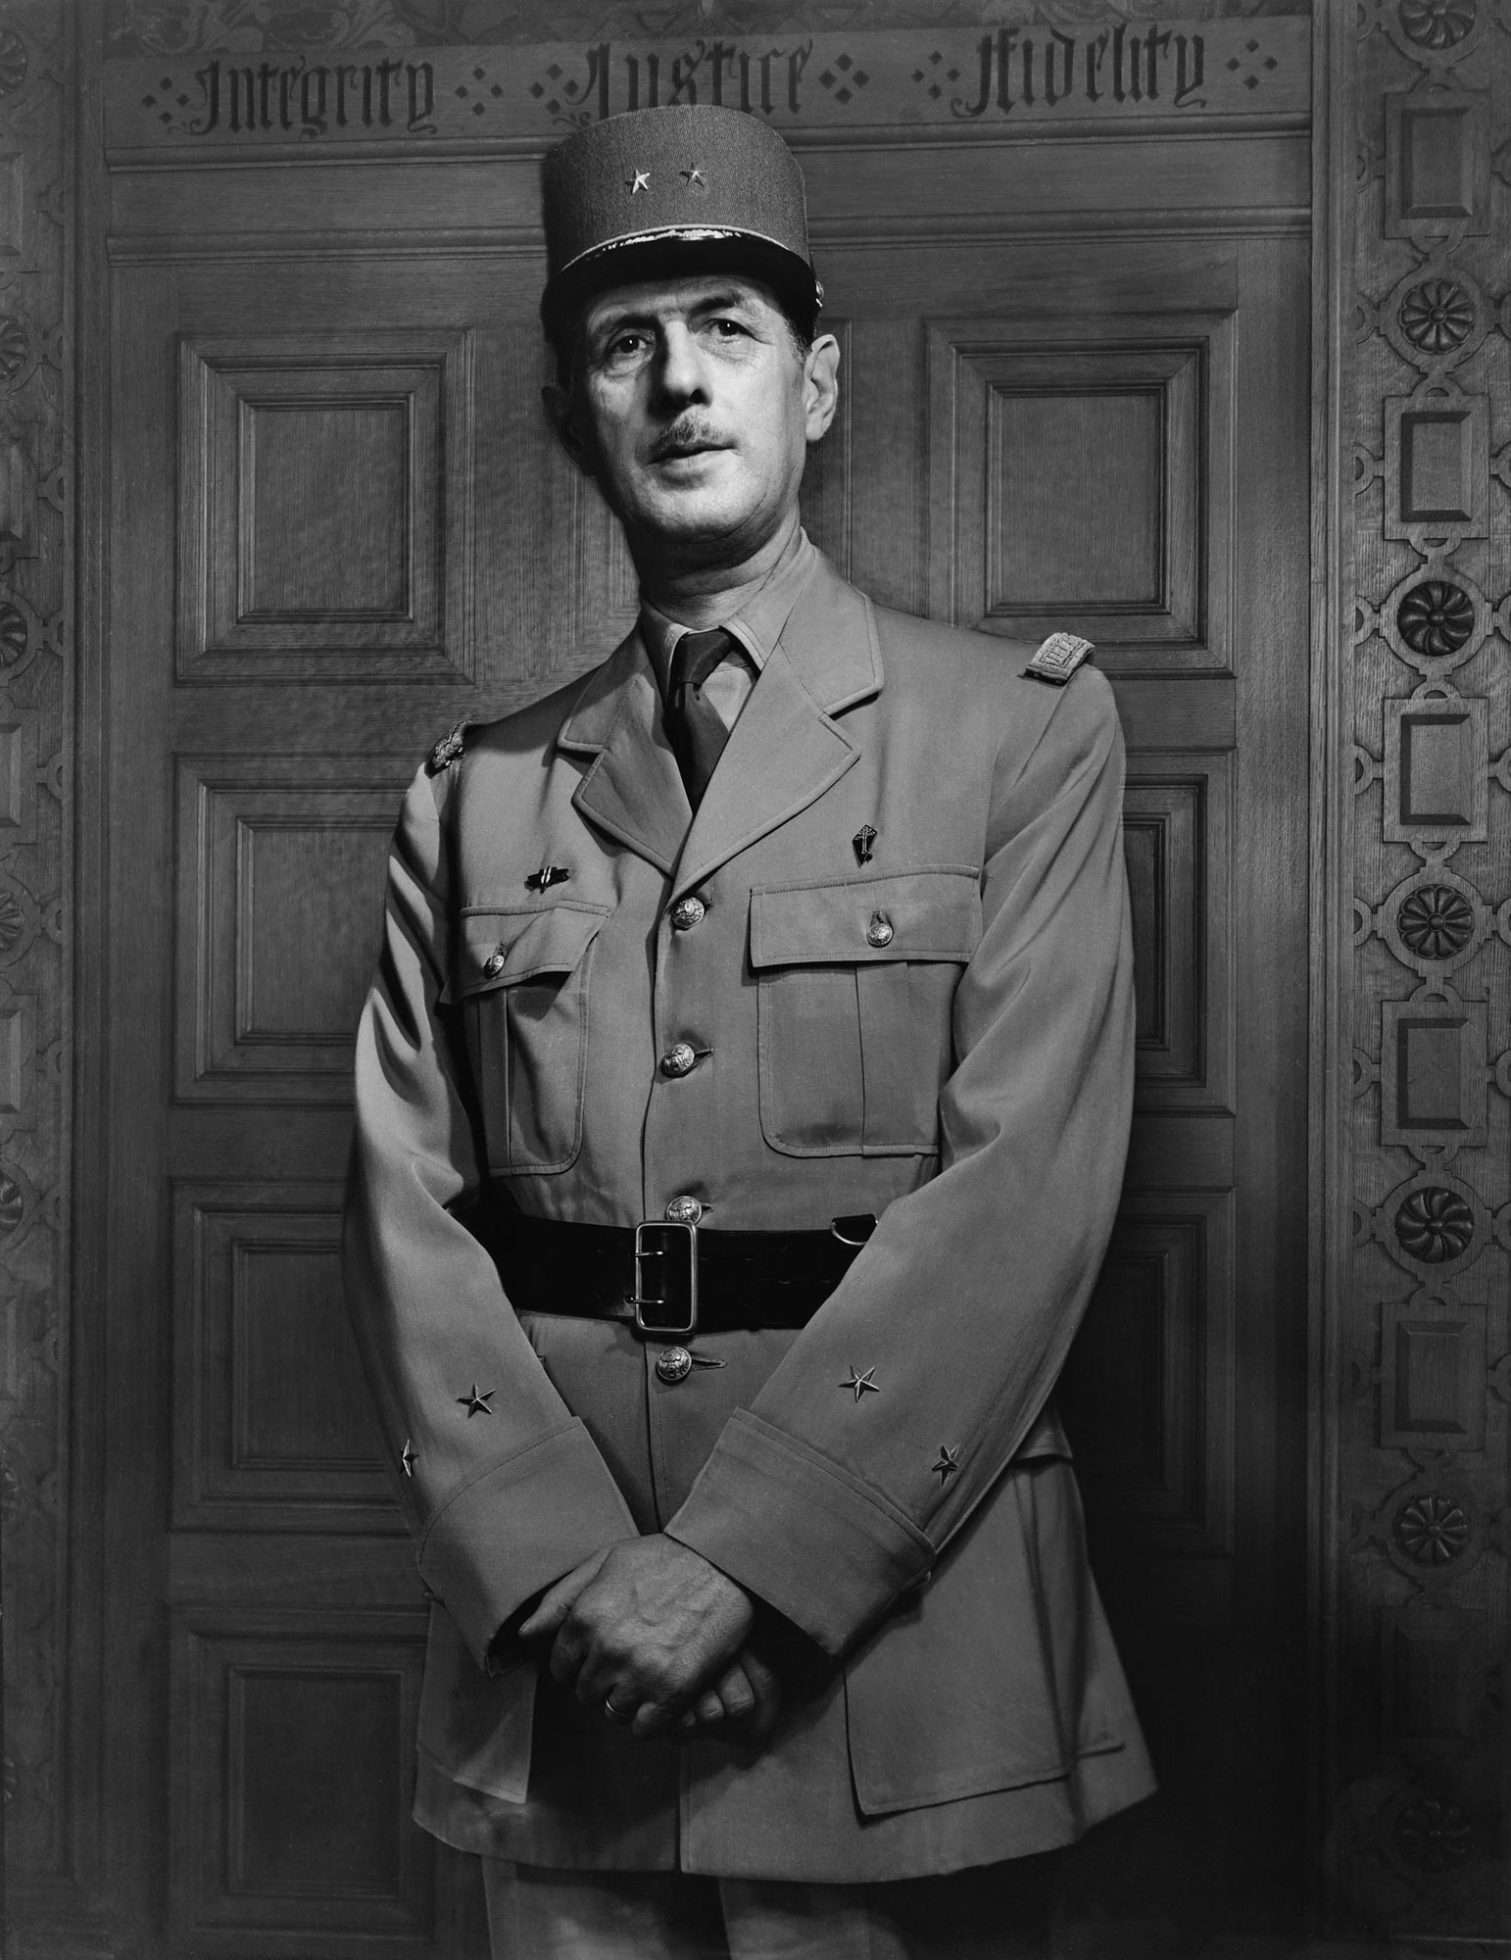 Tướng de Gaulle năm 1944. Nguồn: Ảnh: Yousut Karsh